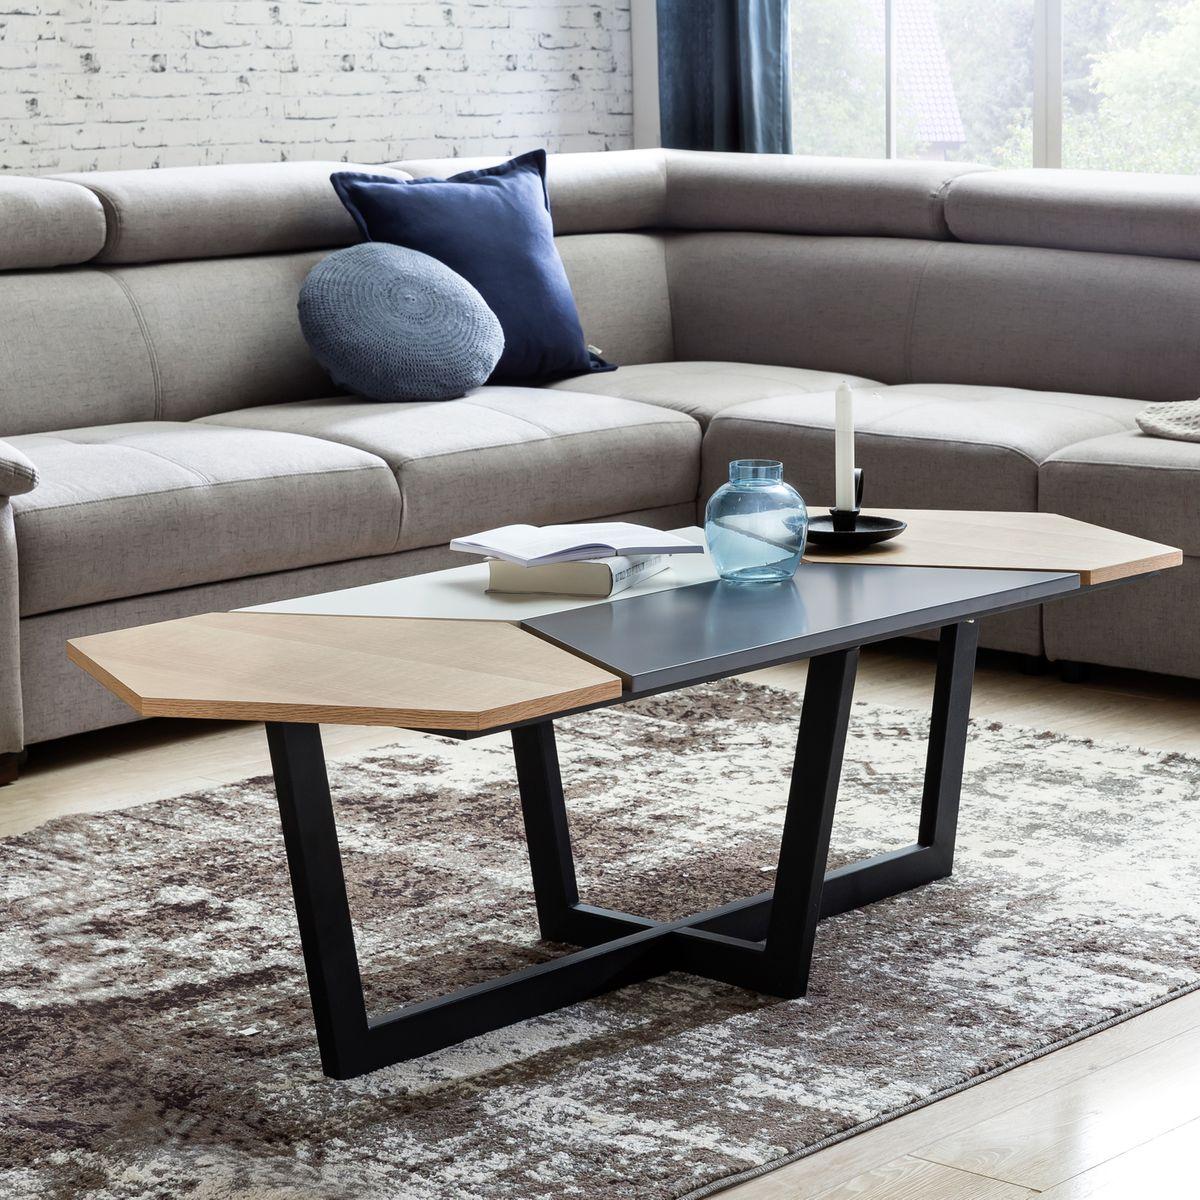 design couchtisch holz wohnzimmertisch skandinavisch retro tisch wohnzimmer m bel online. Black Bedroom Furniture Sets. Home Design Ideas